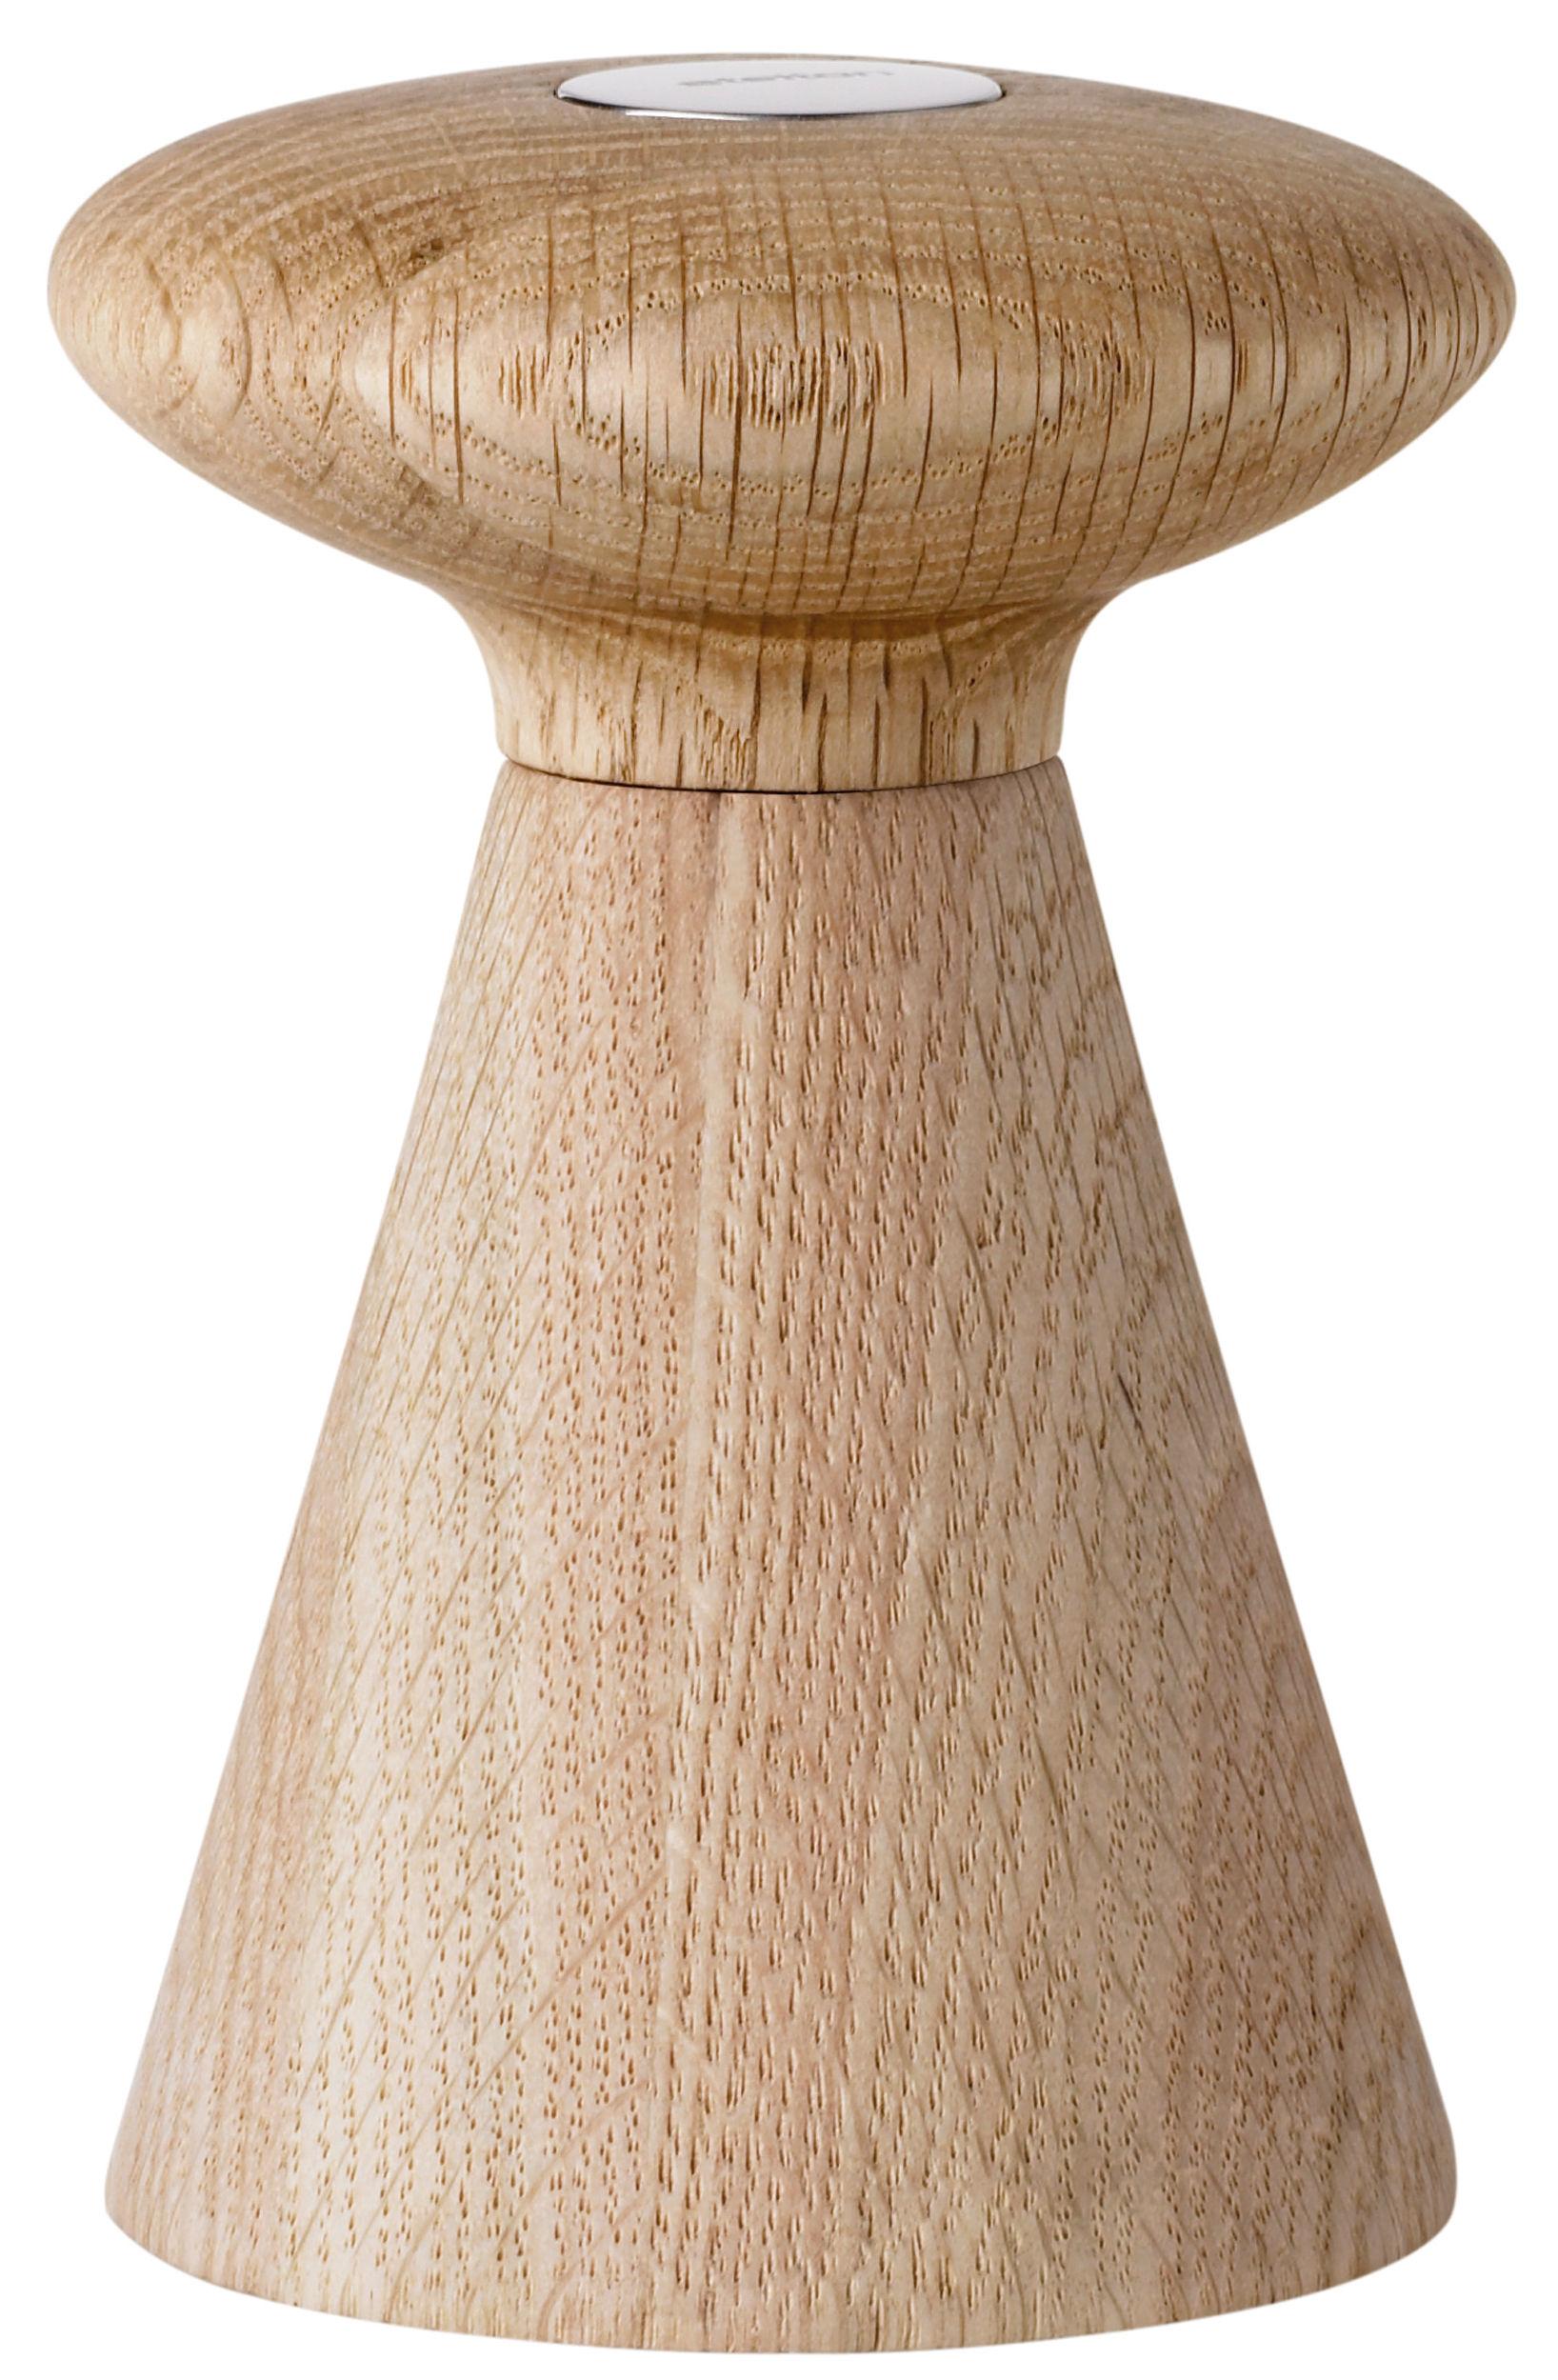 Portauova - Saliere e Pepiere - Macina sale Forest di Stelton - Sale / Legno & logo bianco - Acciaio inossidabile, Ceramica, Rovere